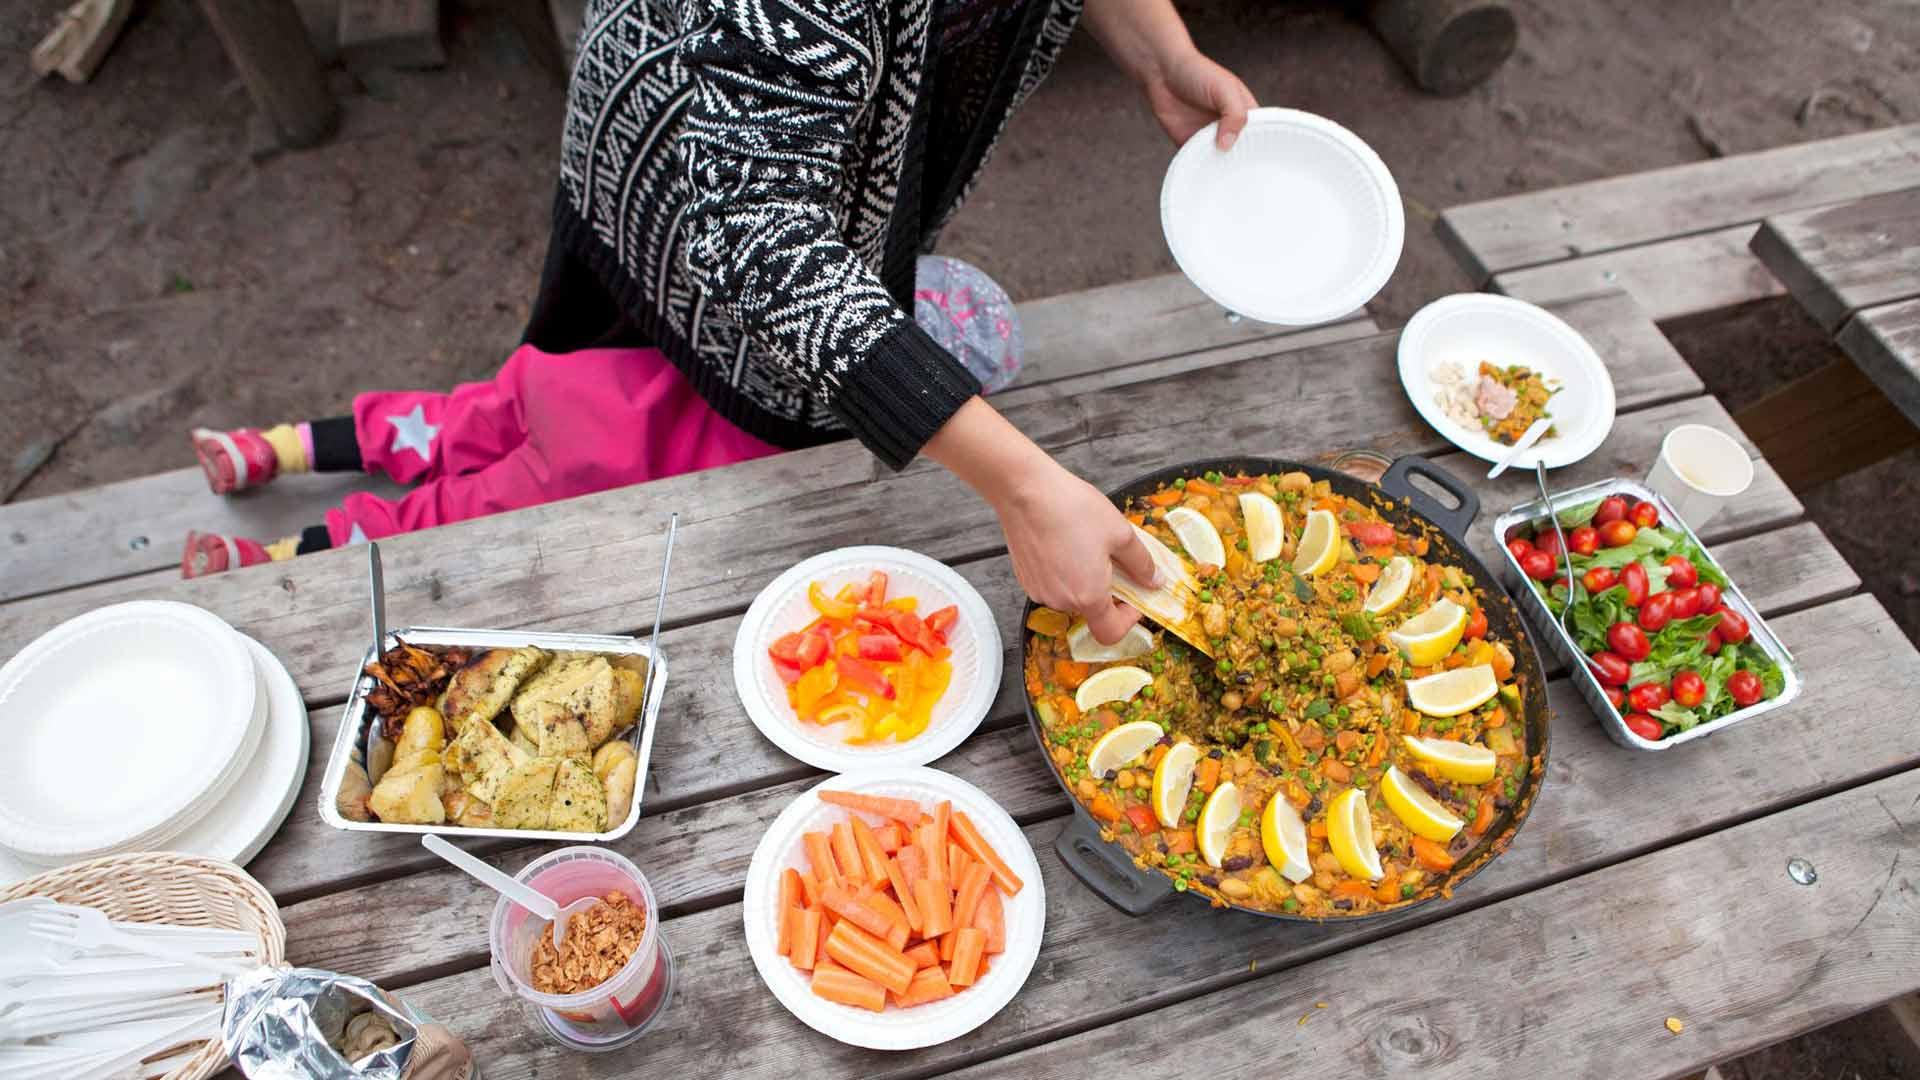 Yhteisöllisyys on tärkeää. Saaren eteläinen keittokatos on perinteinen kokoontumis- ja ruoanlaittopaikka.